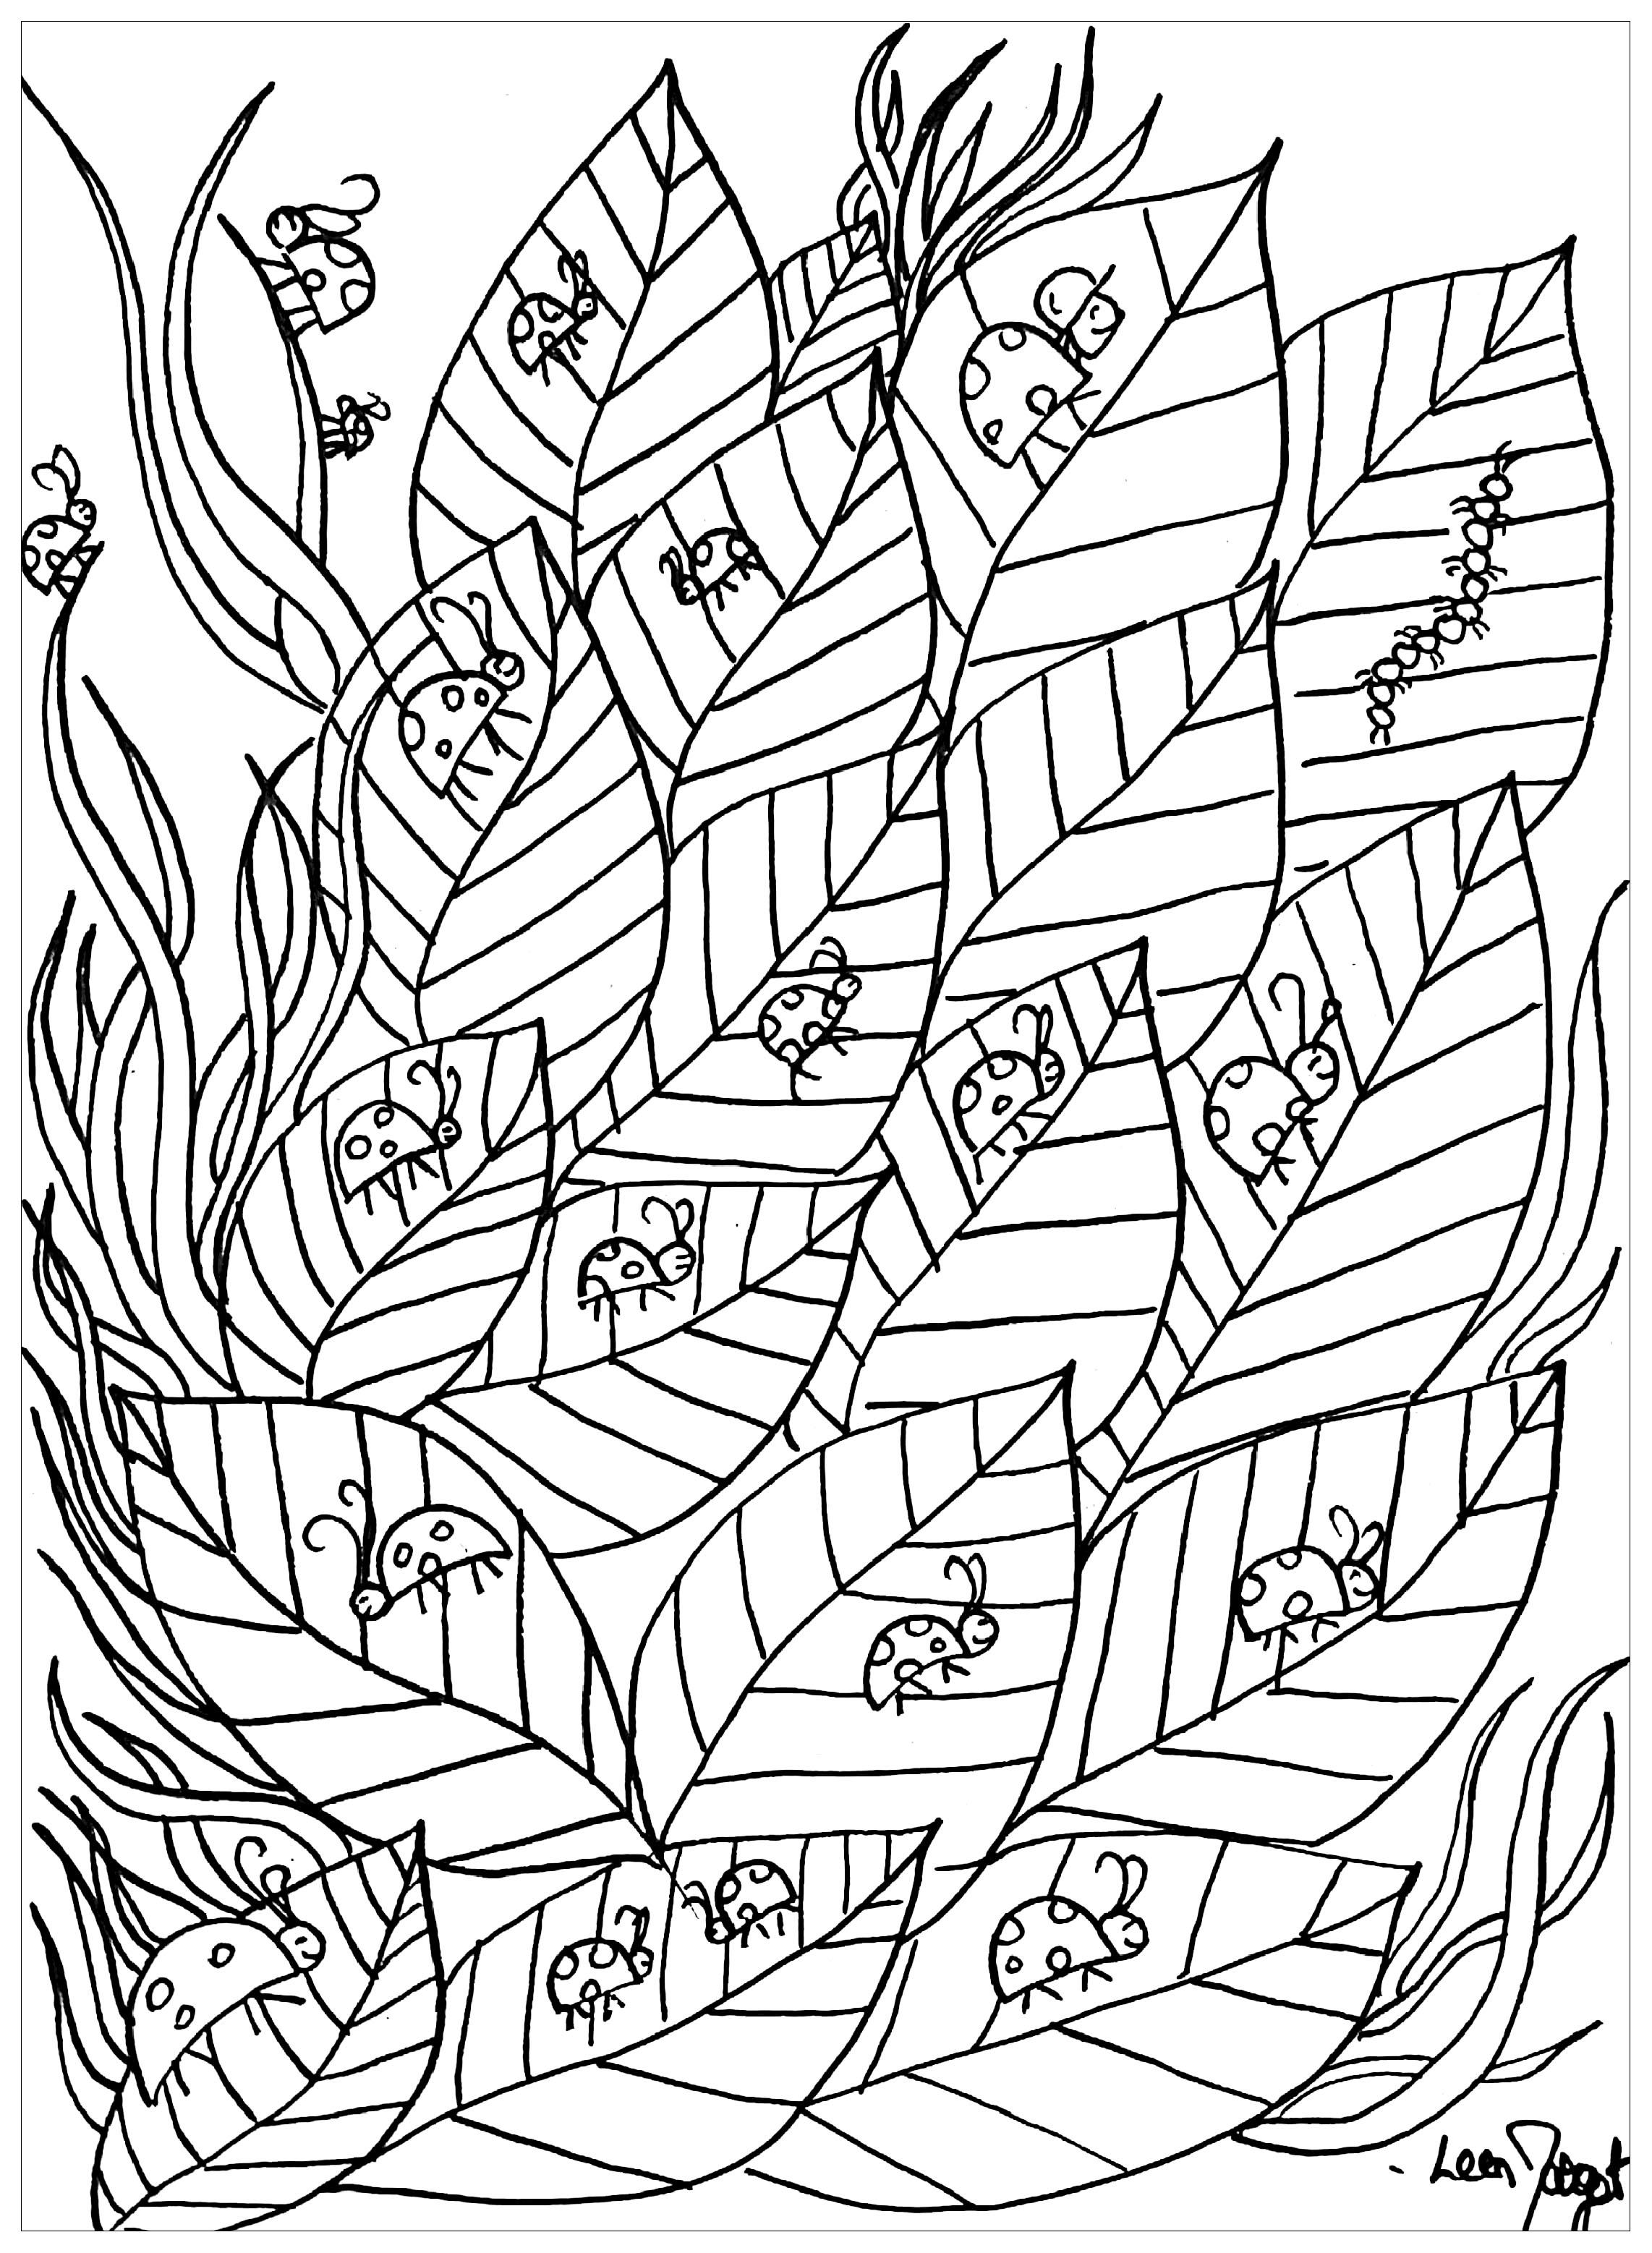 Luxe Image De Coccinelle A Colorier – Mademoiselleosaki encequiconcerne Coccinelle À Colorier